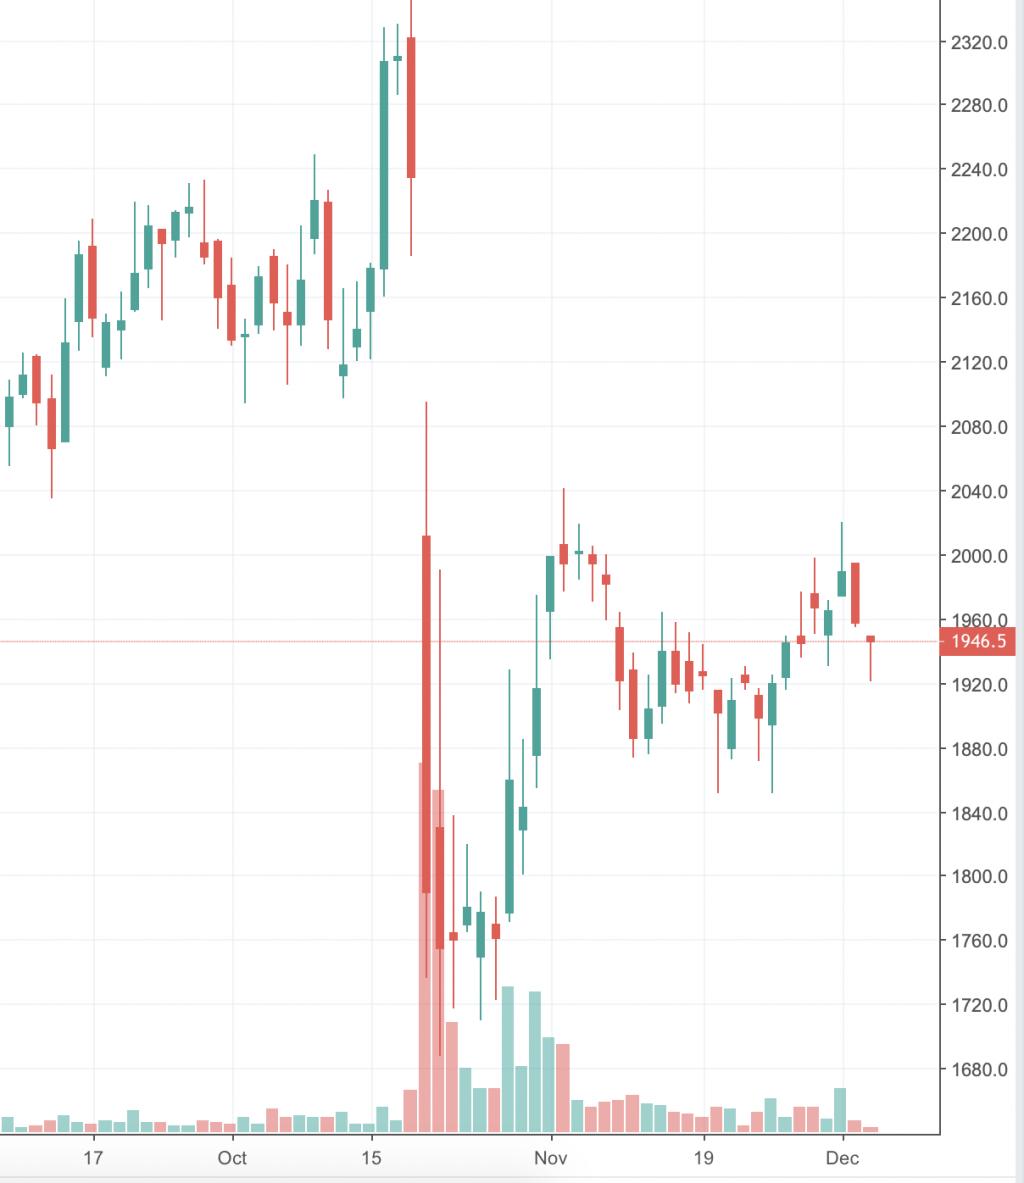 Яндекс акции (YNDX) — форум, цена акций, котировки, стоимость сегодня